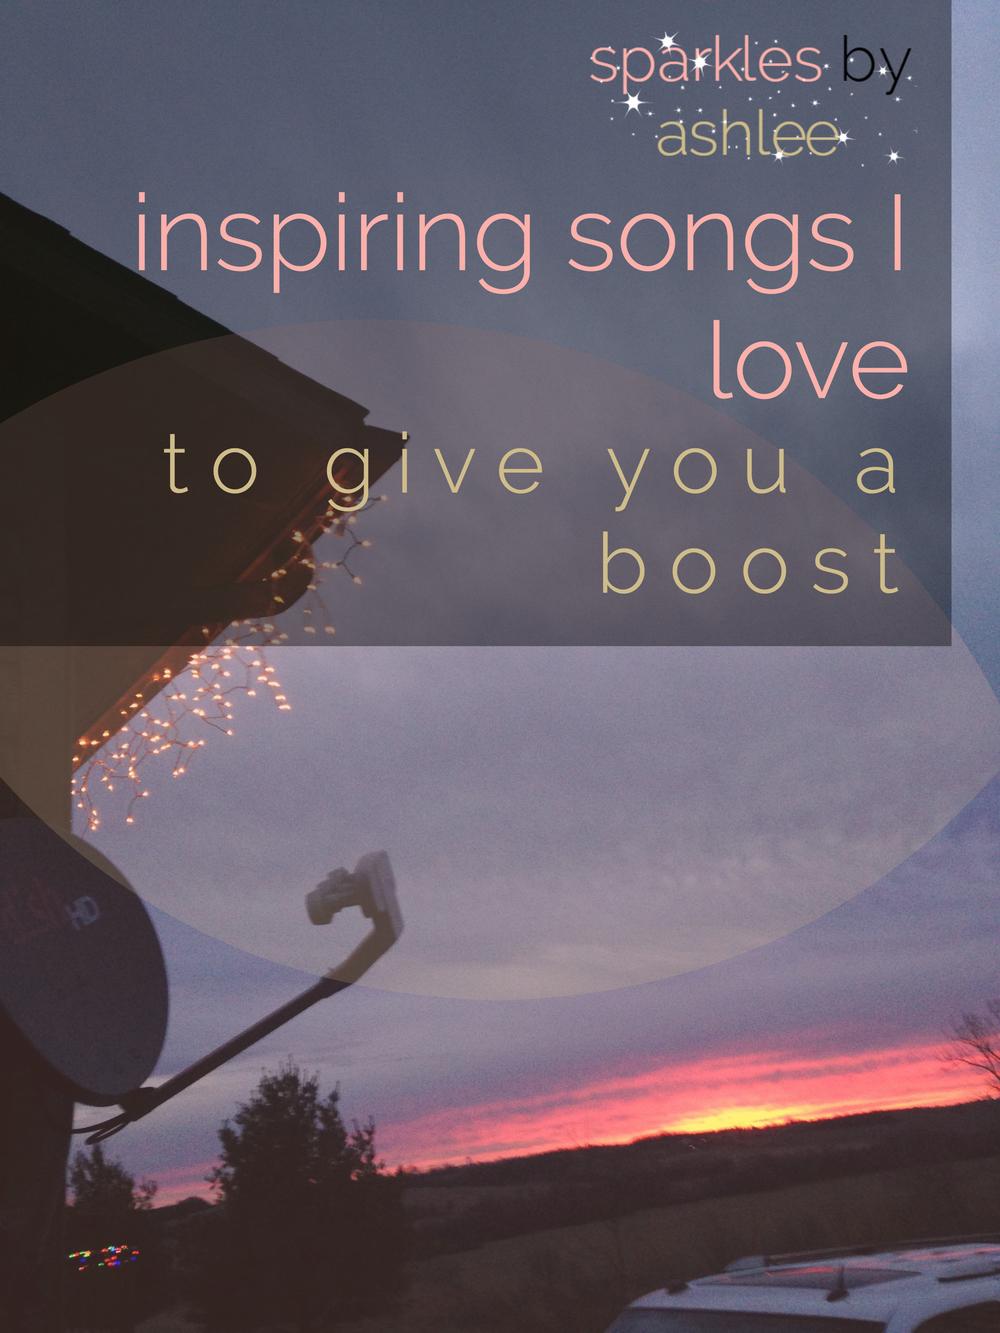 Inspiring-Songs-I-Love-Sparkles-by-Ashlee.jpg